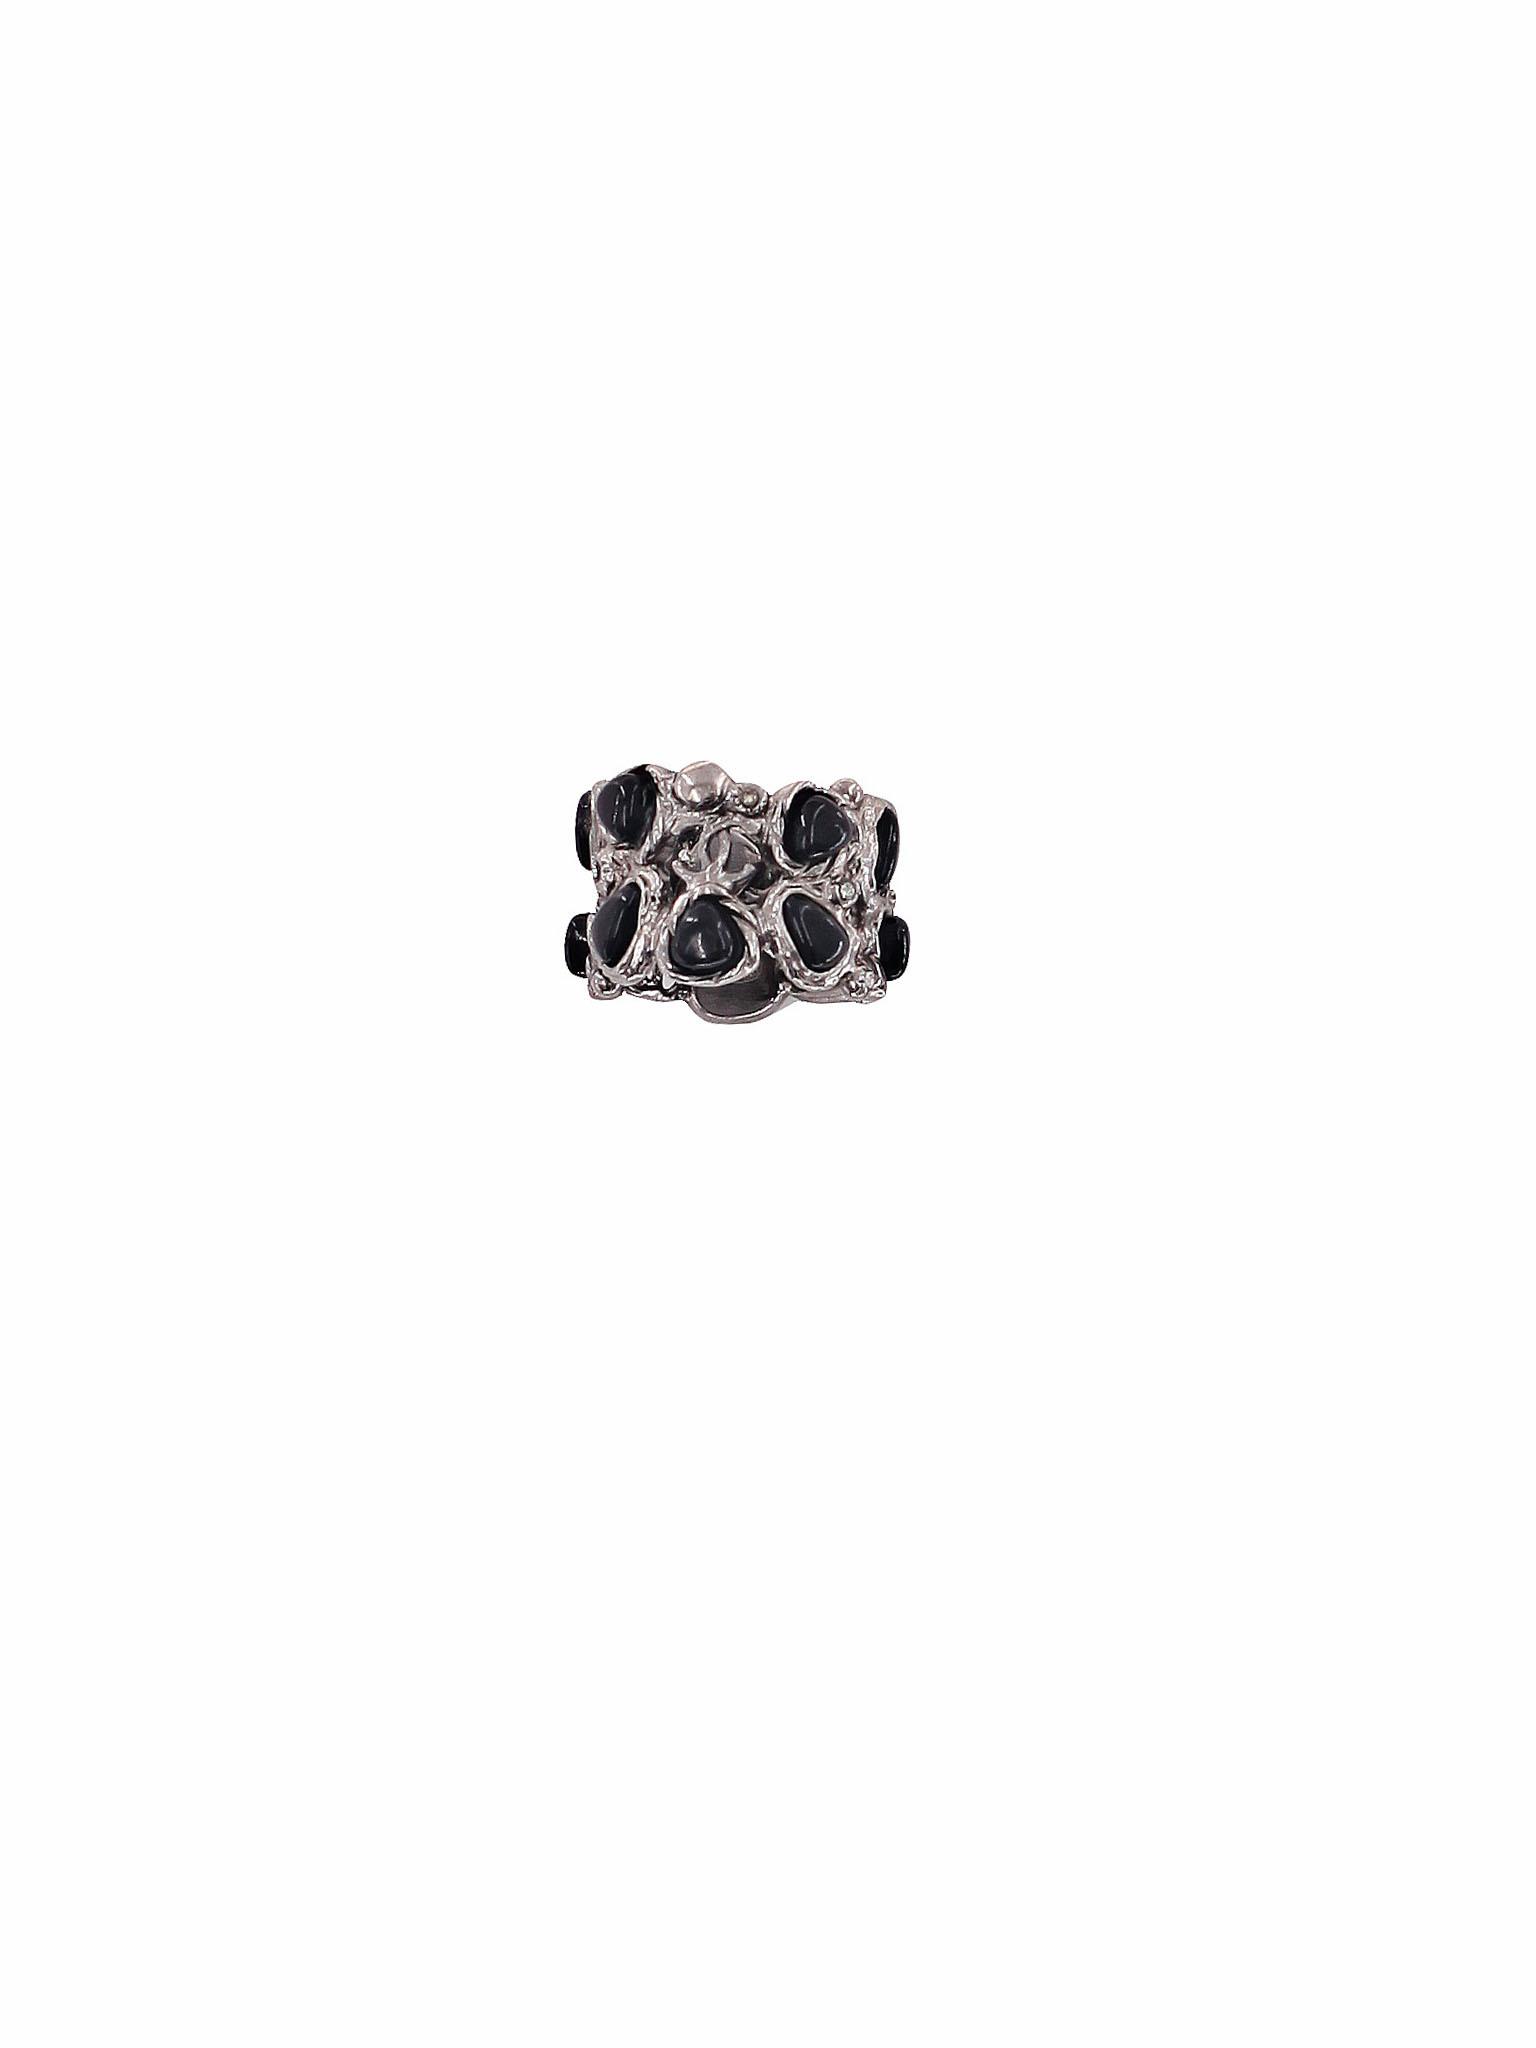 Винтажное кольцо Chanel из коллекции 2008 г.